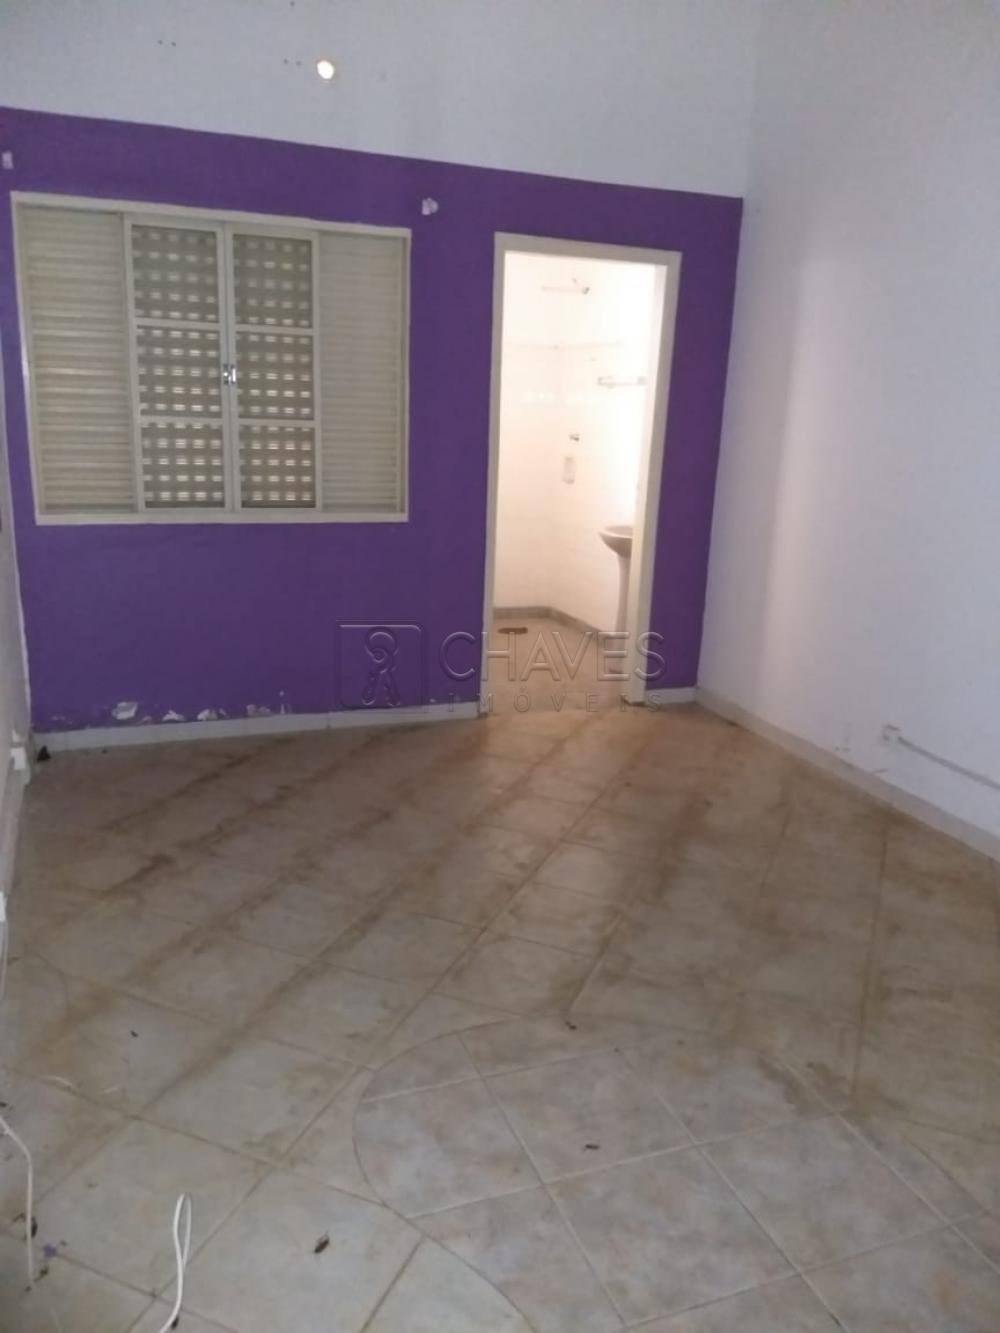 Alugar Casa / Padrão em Ribeirão Preto apenas R$ 1.800,00 - Foto 9